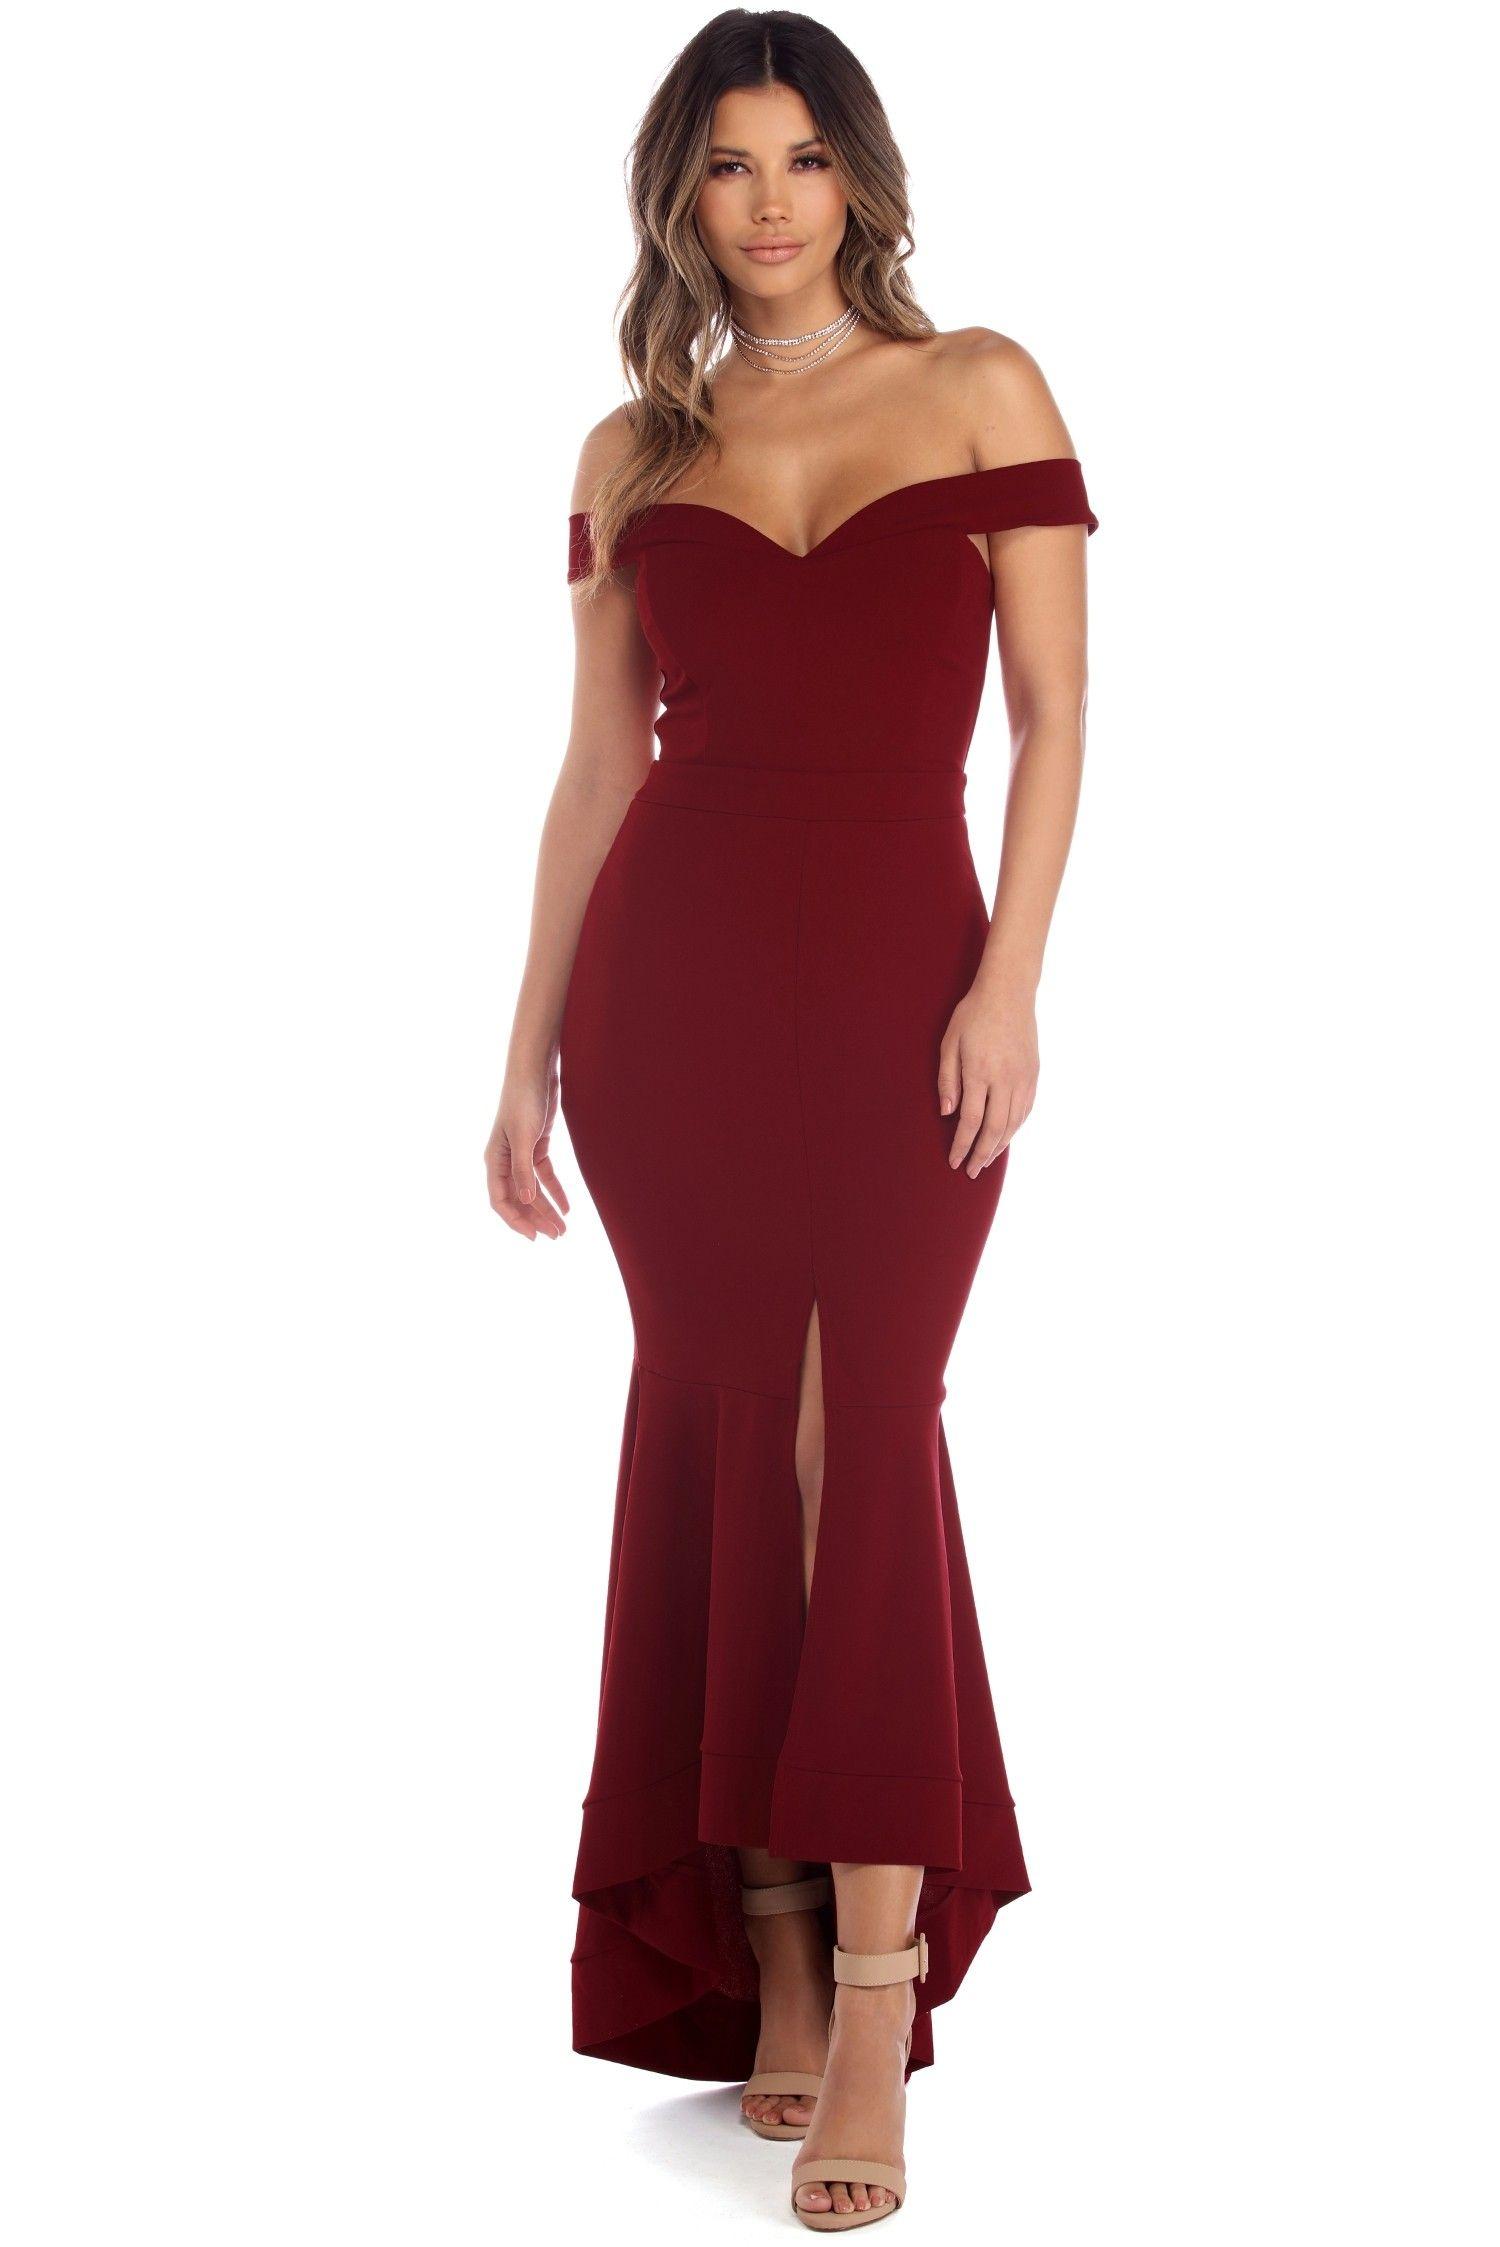 Jacqueline Burgundy Off The Shoulder Crepe Dress Dresses